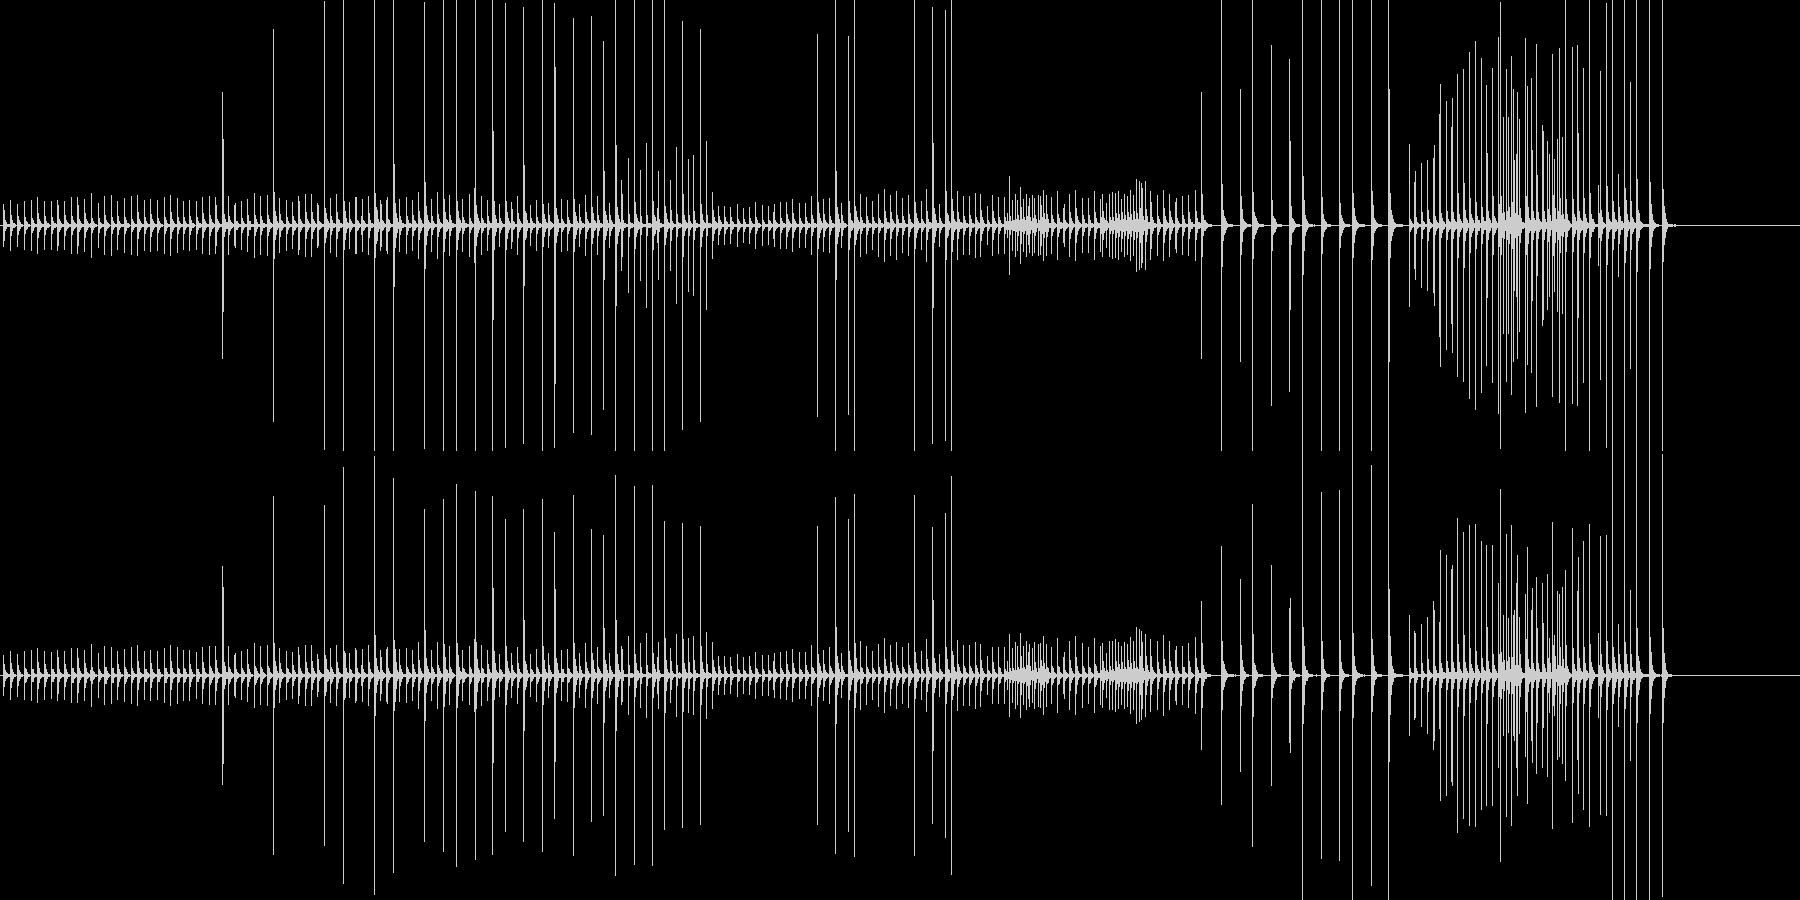 小木魚木章9歌舞伎黒御簾下座音楽和風日本の未再生の波形